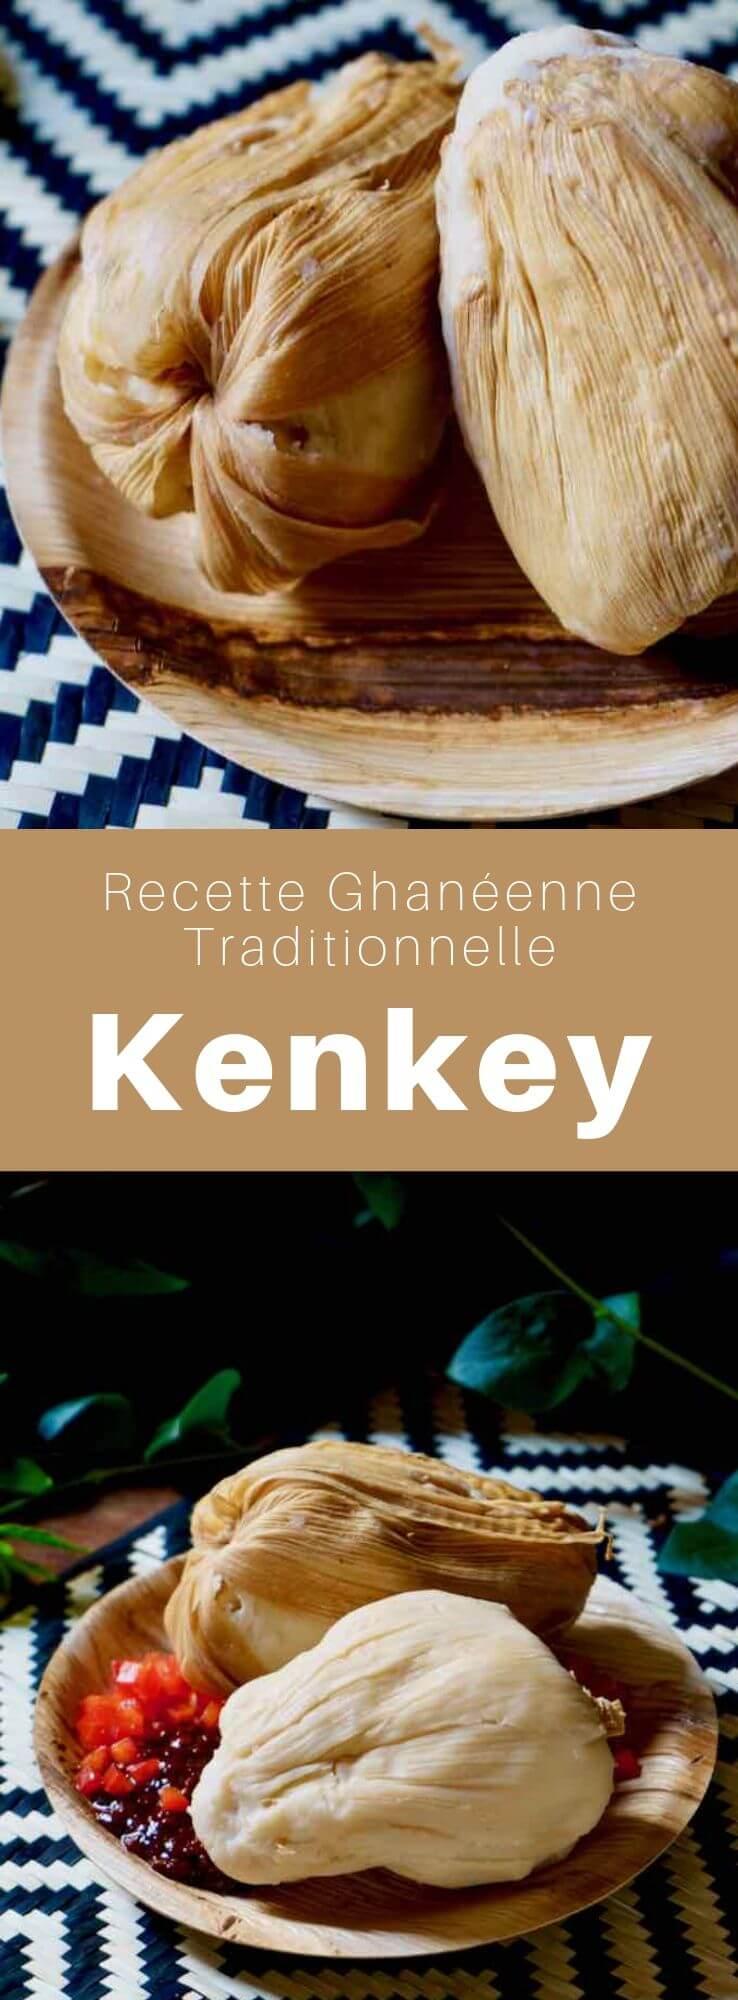 Le kenkey est un plat traditionnel ghanéen à base de maïs blanc fermenté consommé par les populations Ga qui l'appellent komi et les Fante qui l'appellent dokono. #Ghana #Afrique #AfriqueDeLouest #RecetteAfricaine #CuisineAfricaine #CuisineDuMonde #196flavors